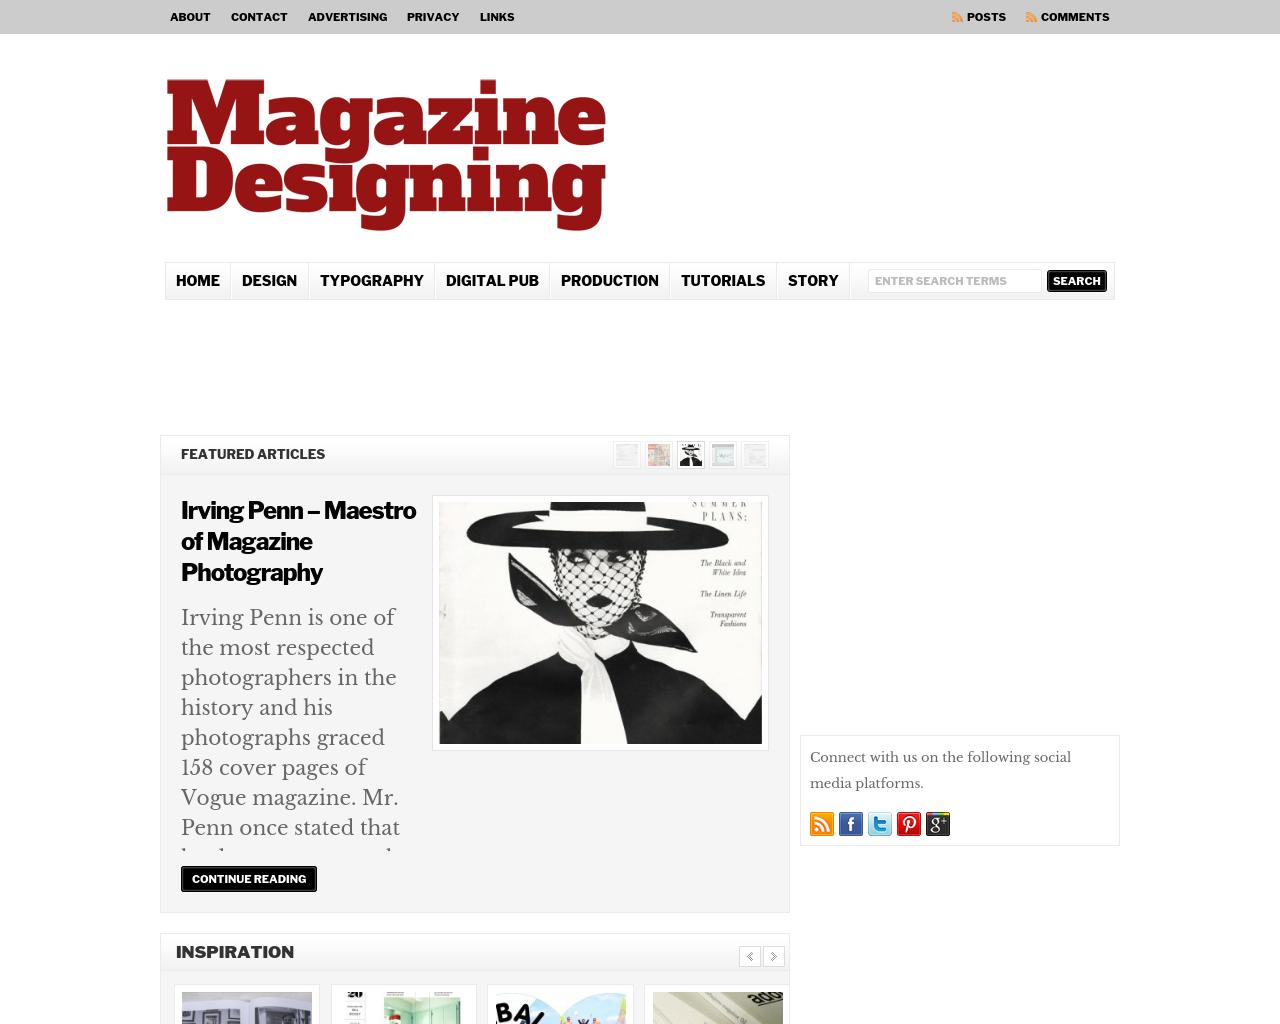 Magazine-Designing-Advertising-Reviews-Pricing